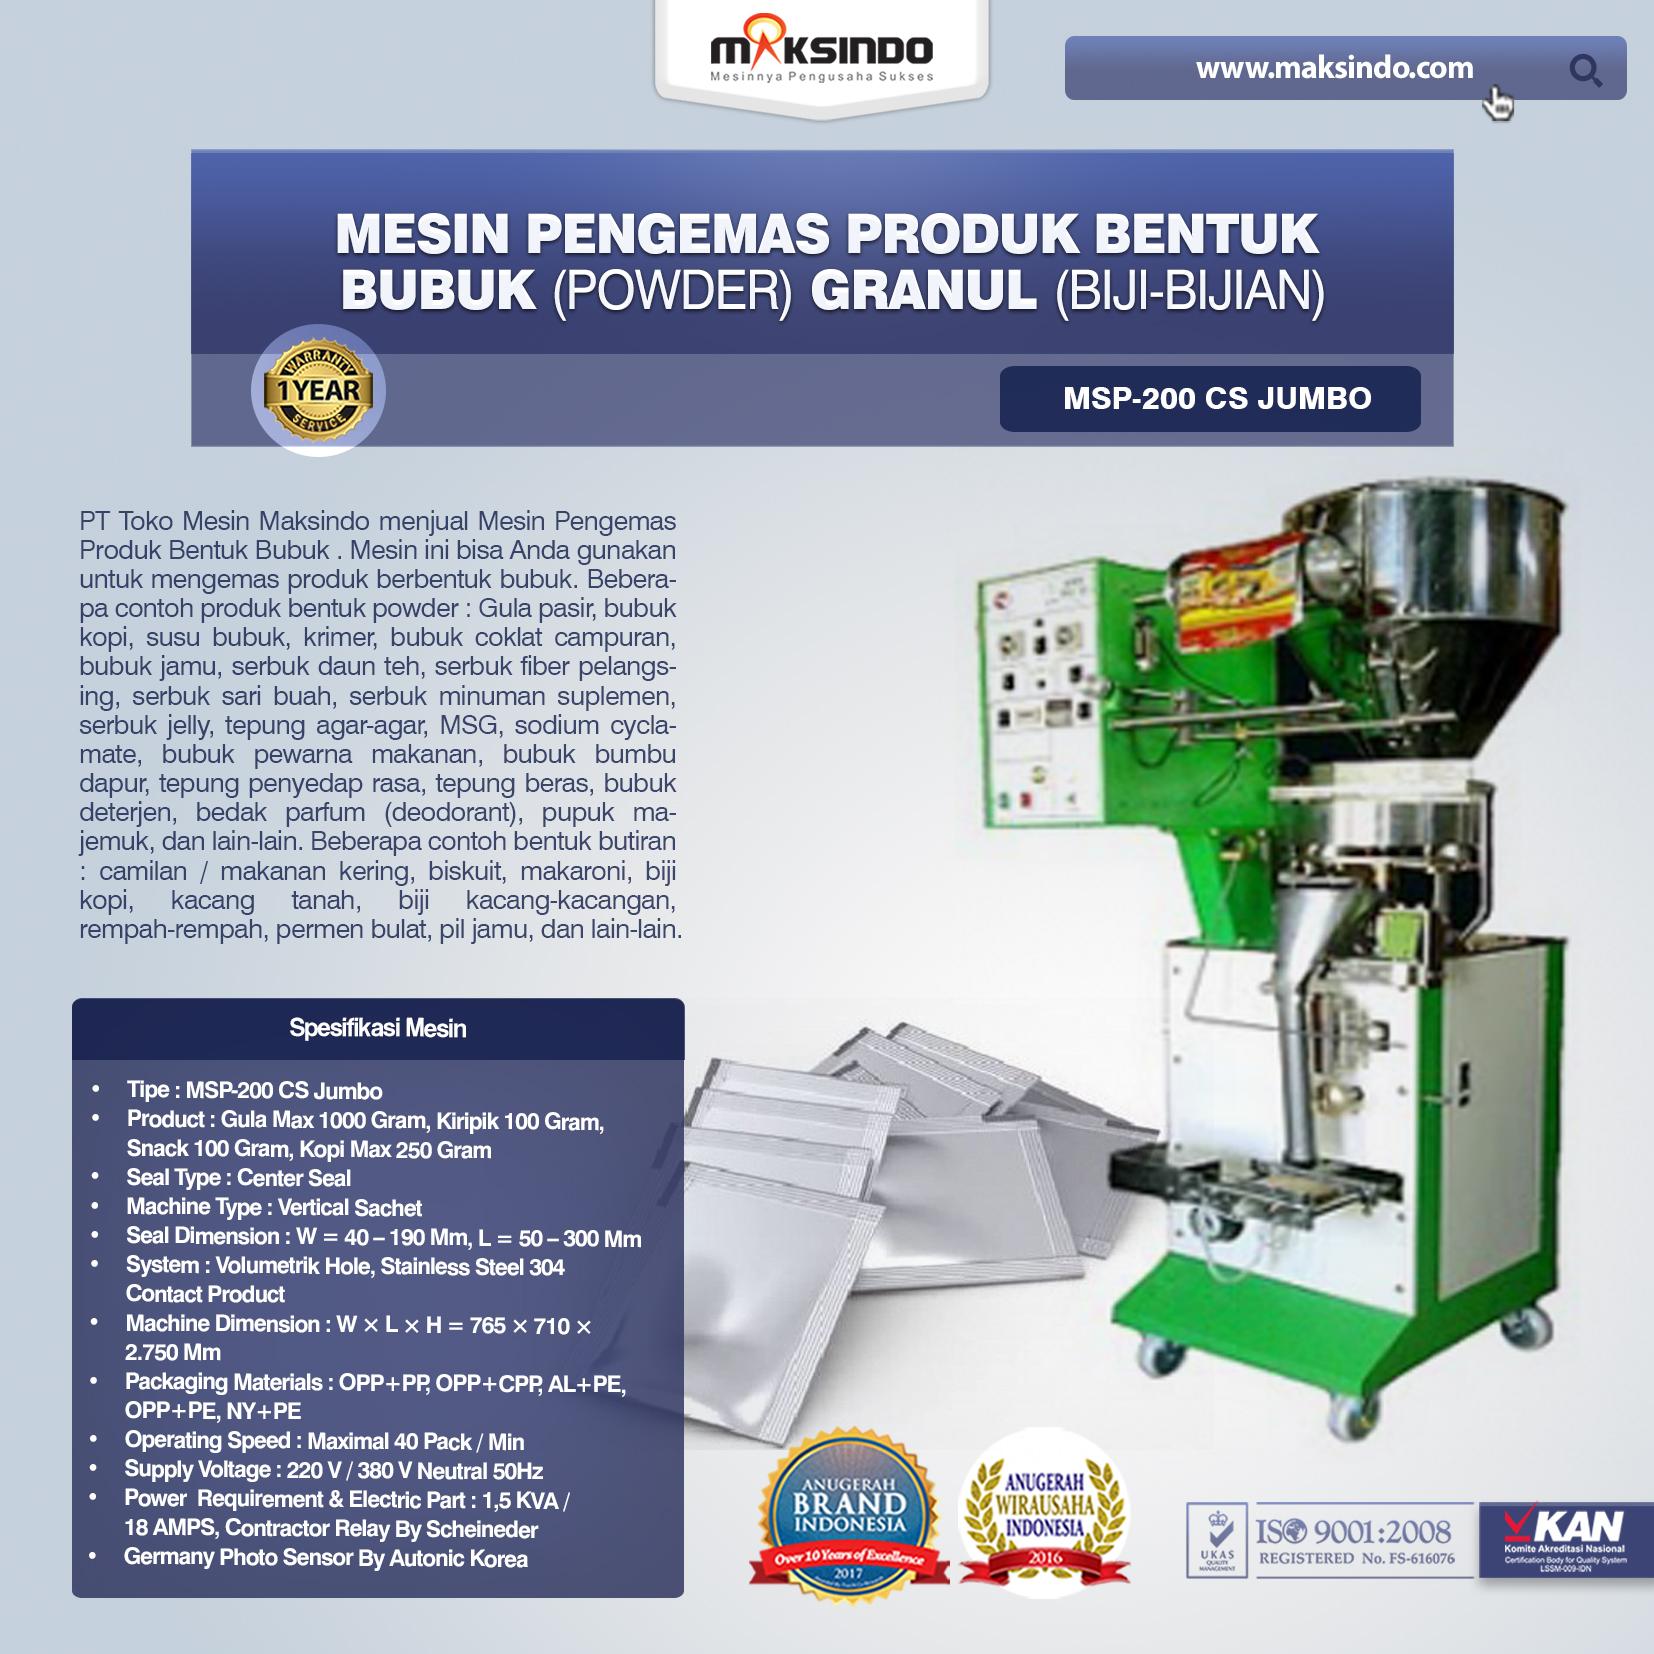 Mesin Pengemas Produk Bentuk BUBUK (POWDER) GRANUL (BIJI-BIJIAN) MSP-200 CS Jumbo